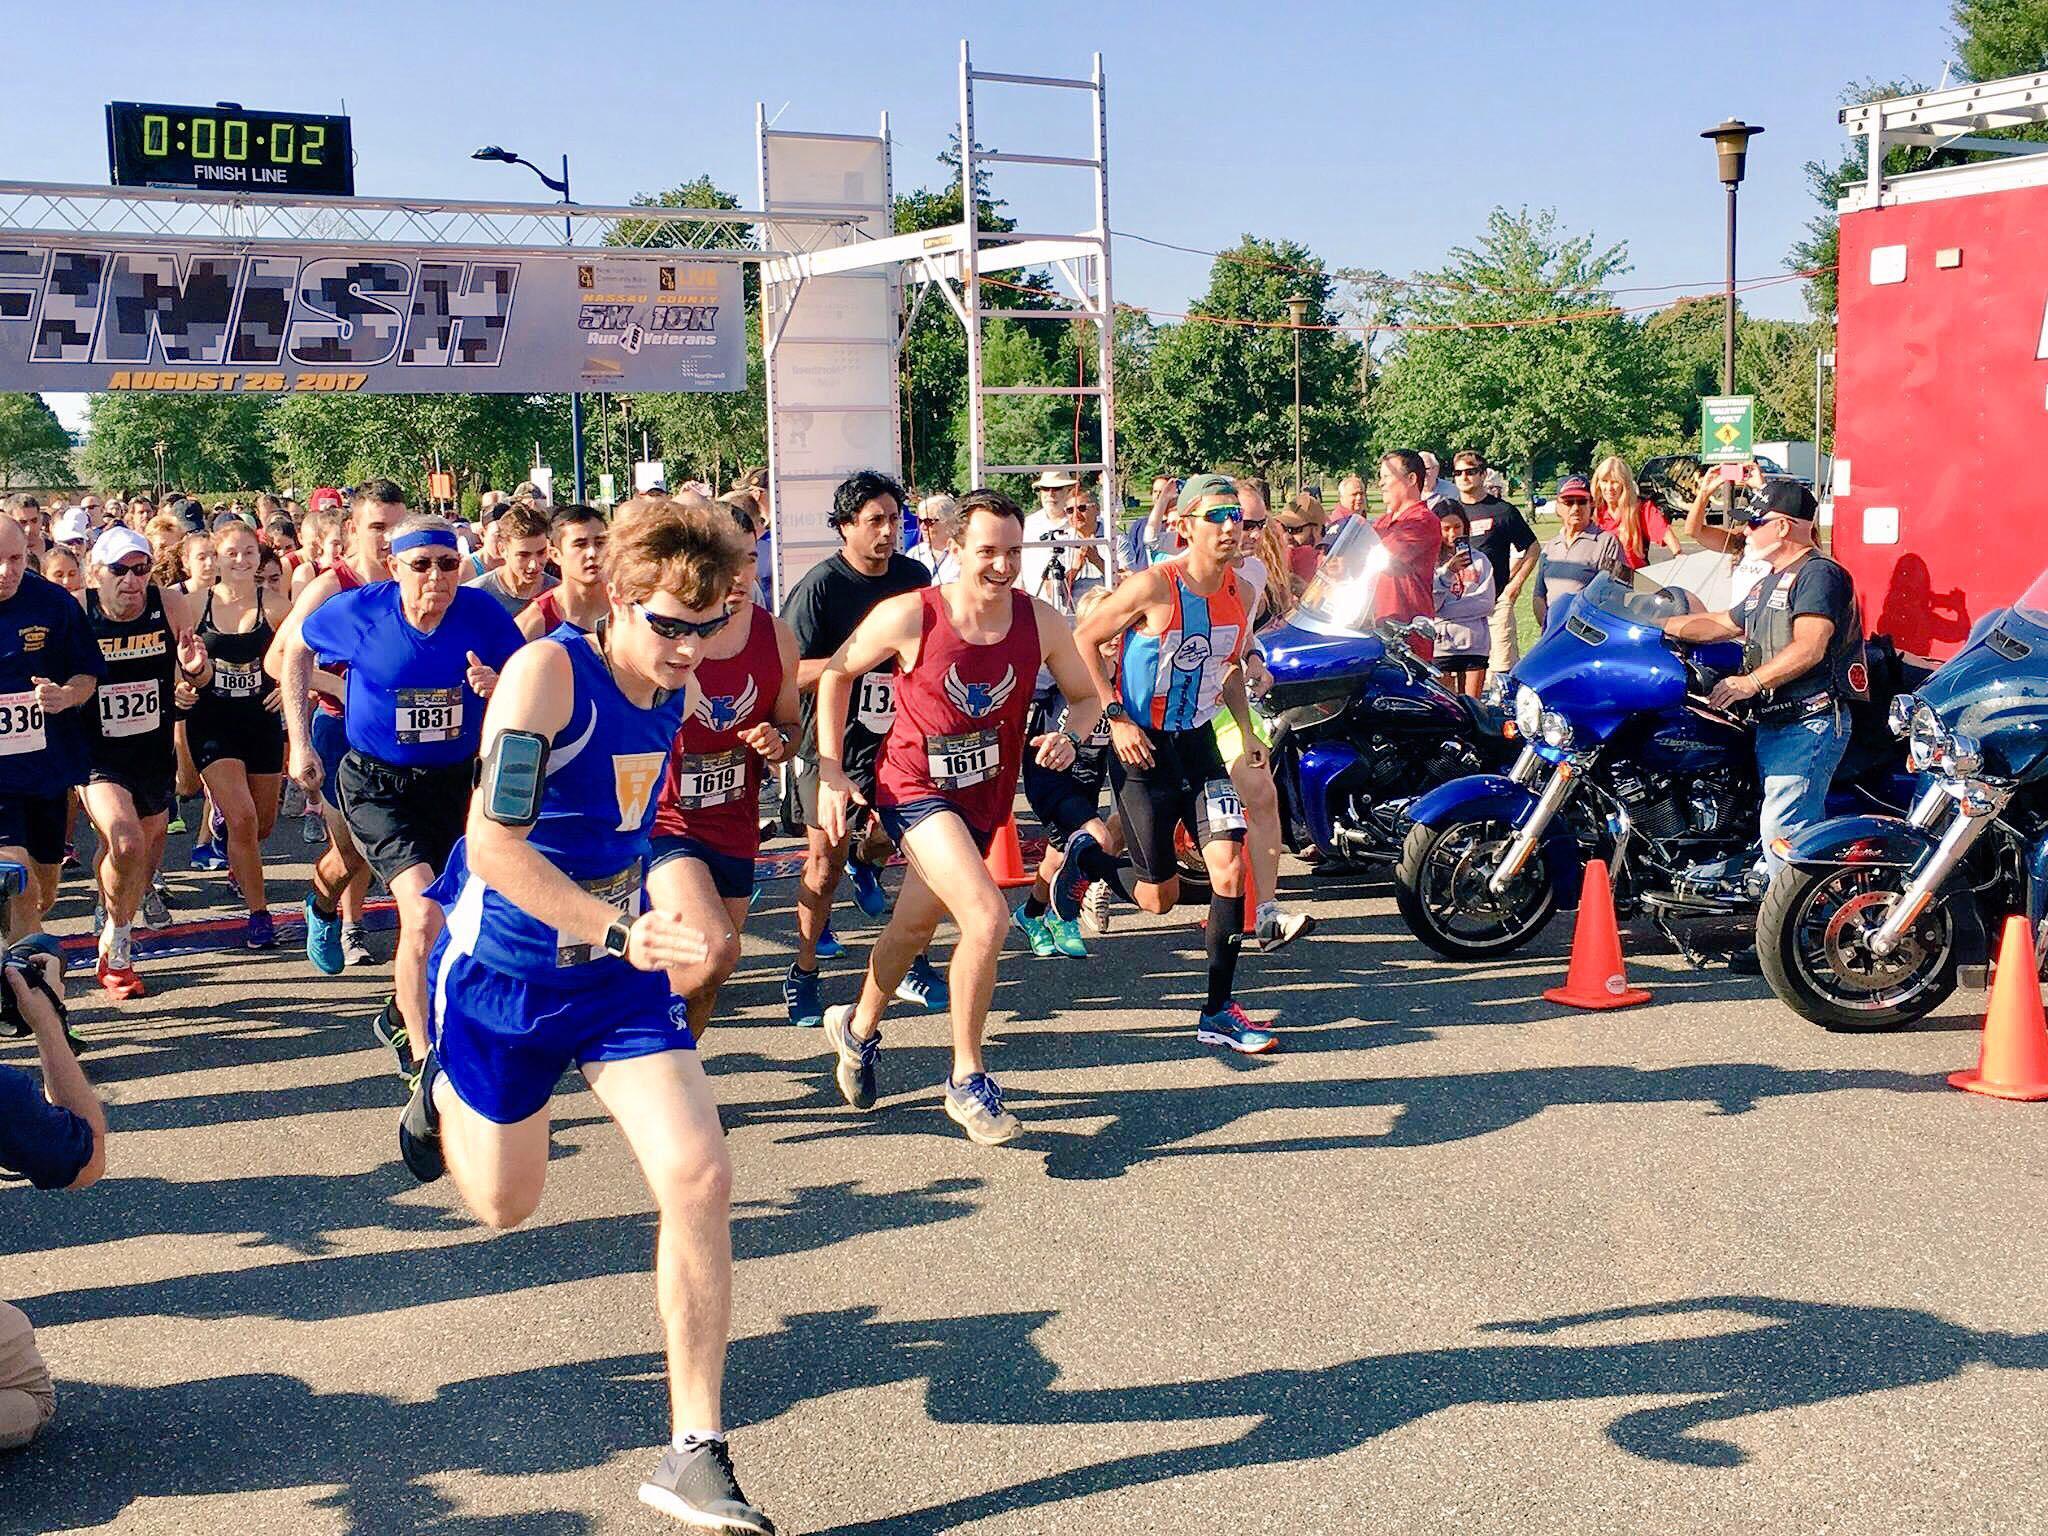 2017 5K/10K Race Start